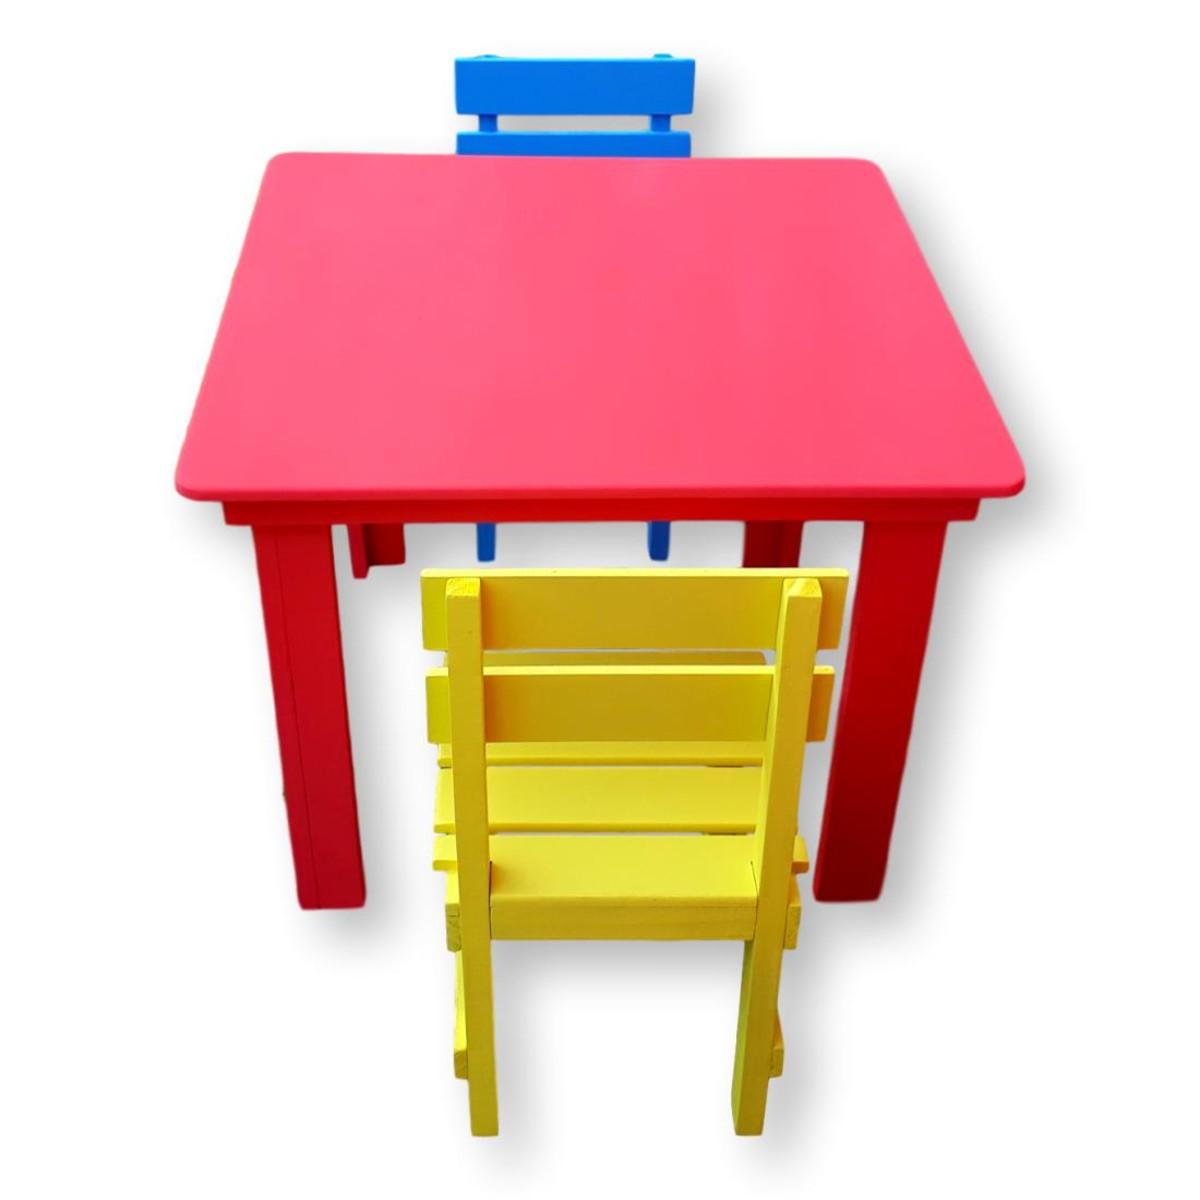 Image of: Conjunto Mesa Mesinha Infantil 2 Cadeiras Madeira Coloridas No Elo7 Luciano Dziado 1033b47